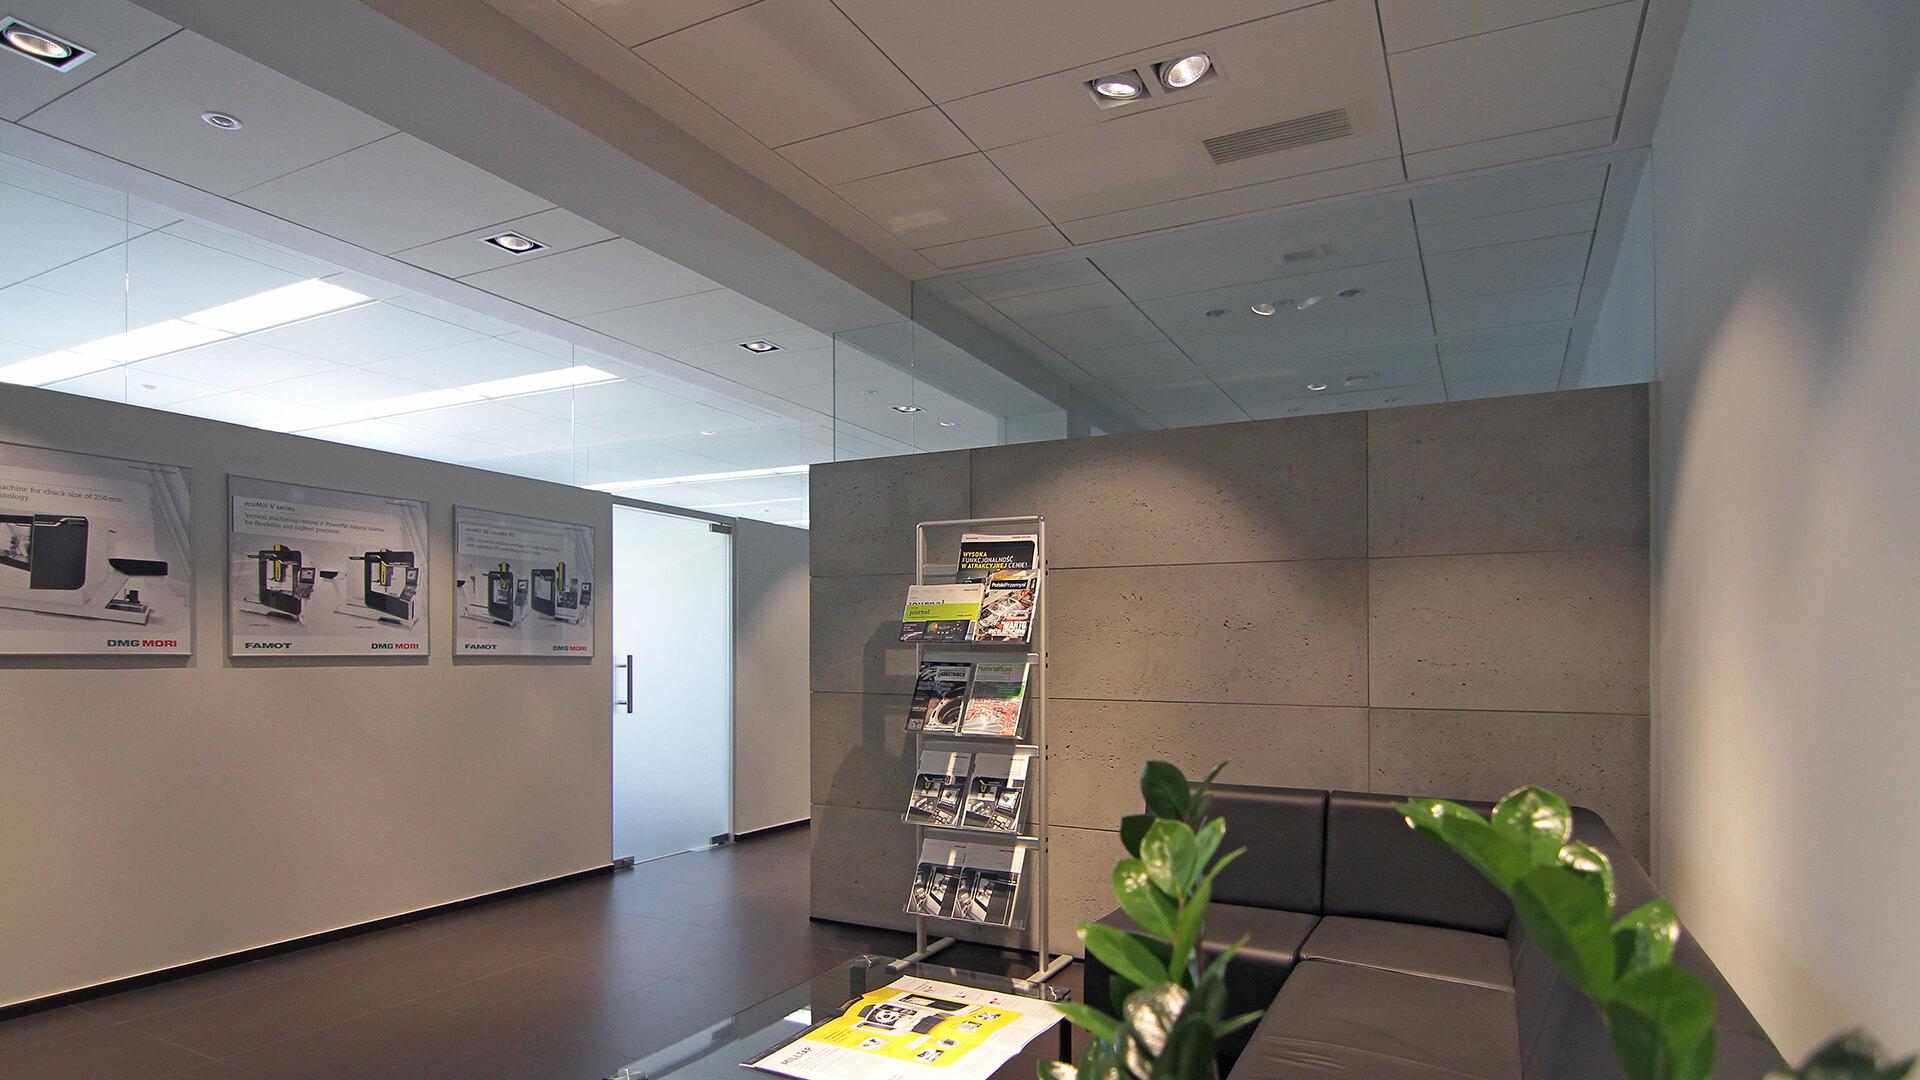 Biura Famot - Projektowanie wnętrz biurowych Architekci Poznań